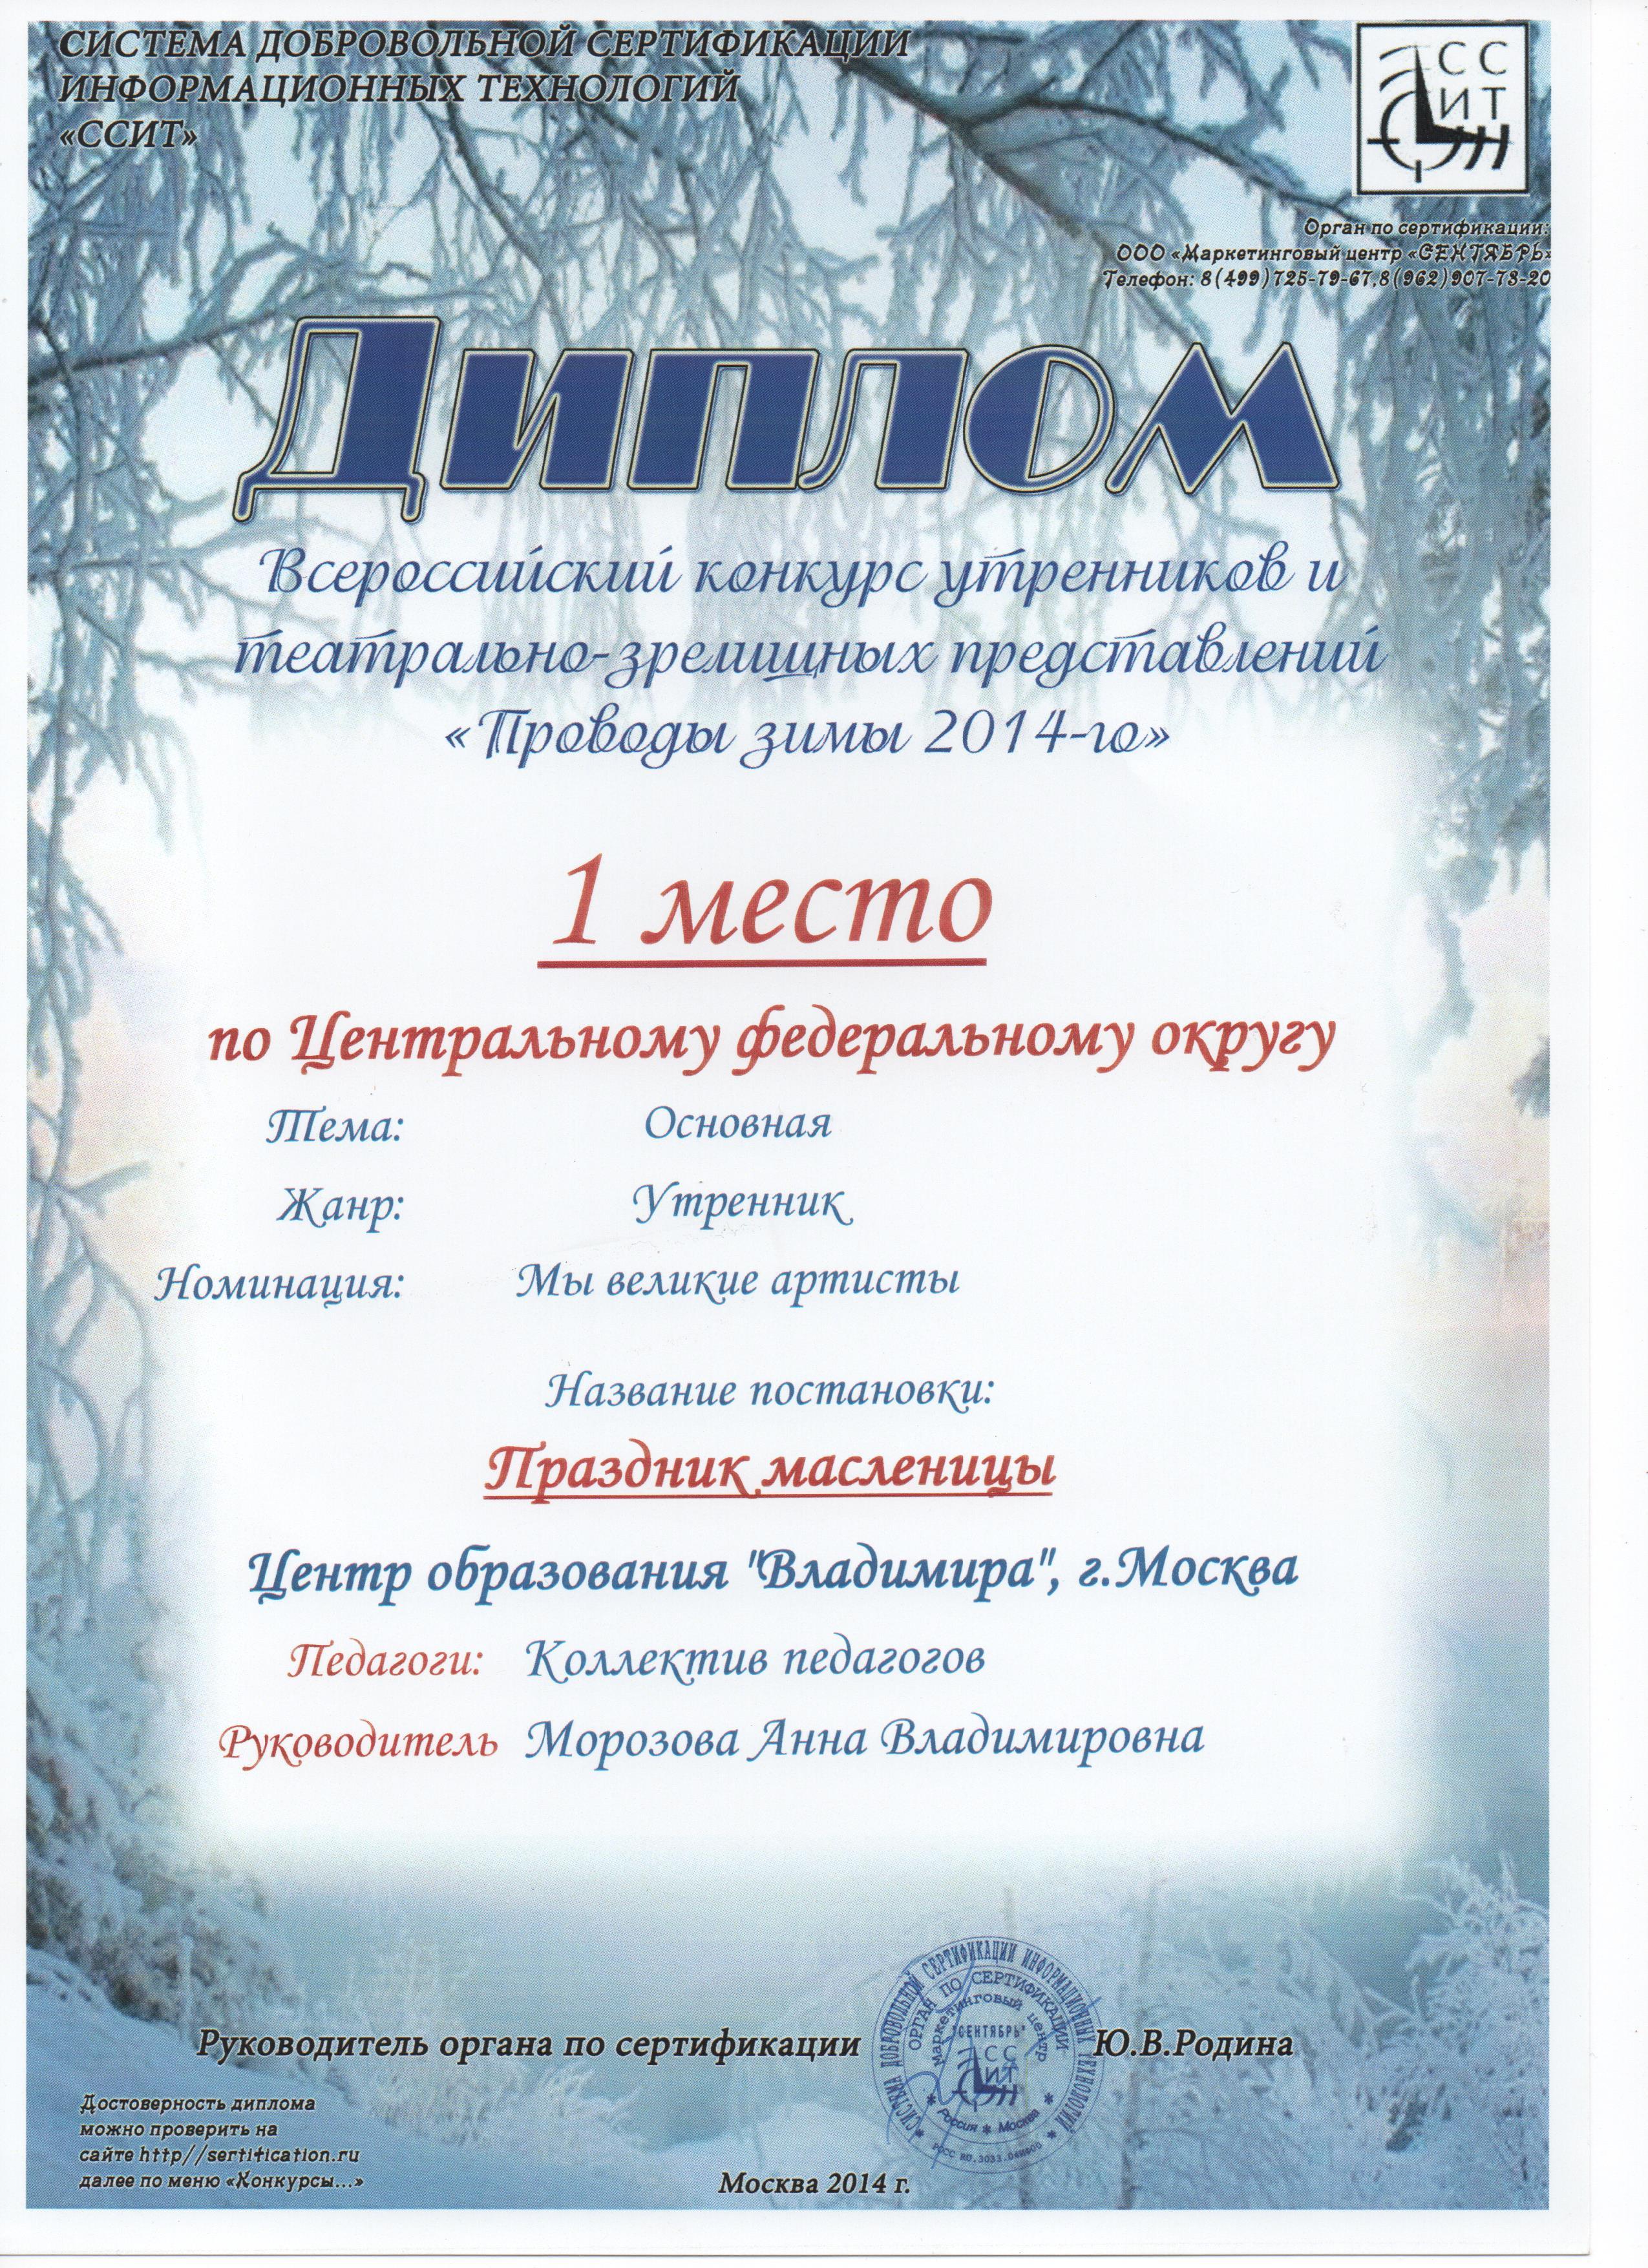 Наши достижения архив дипломов Центр образования Владимира  002 1